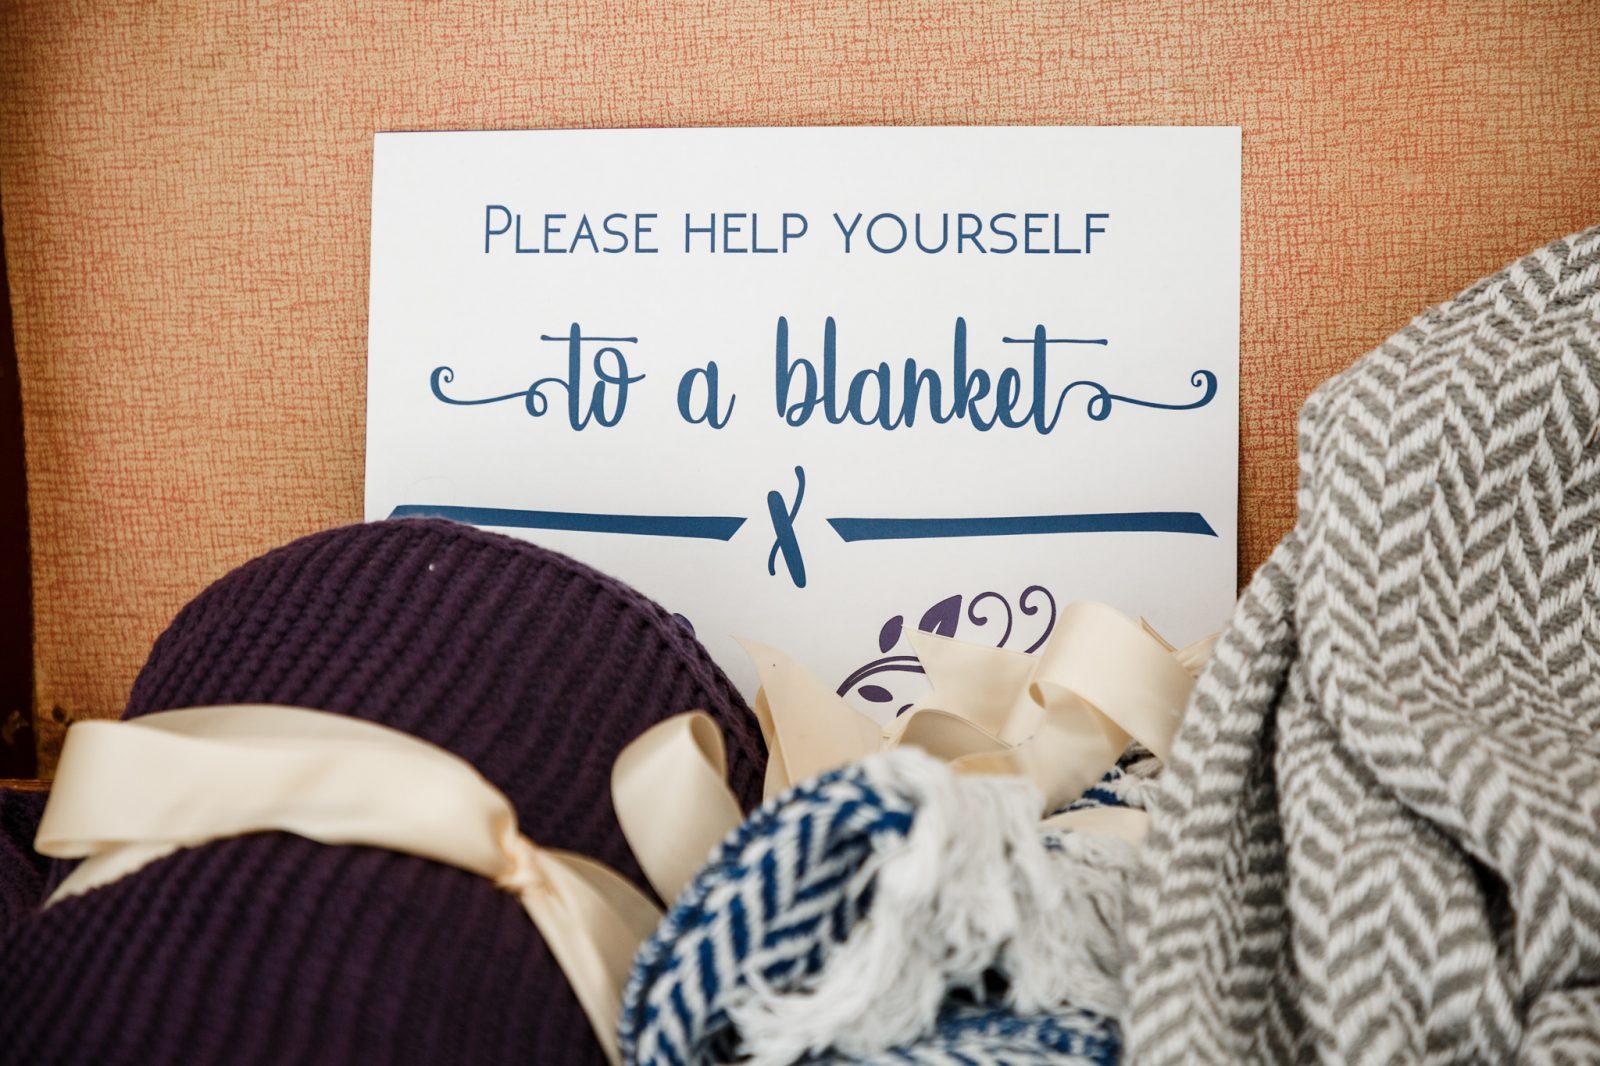 help-yourself-blankets-wedding